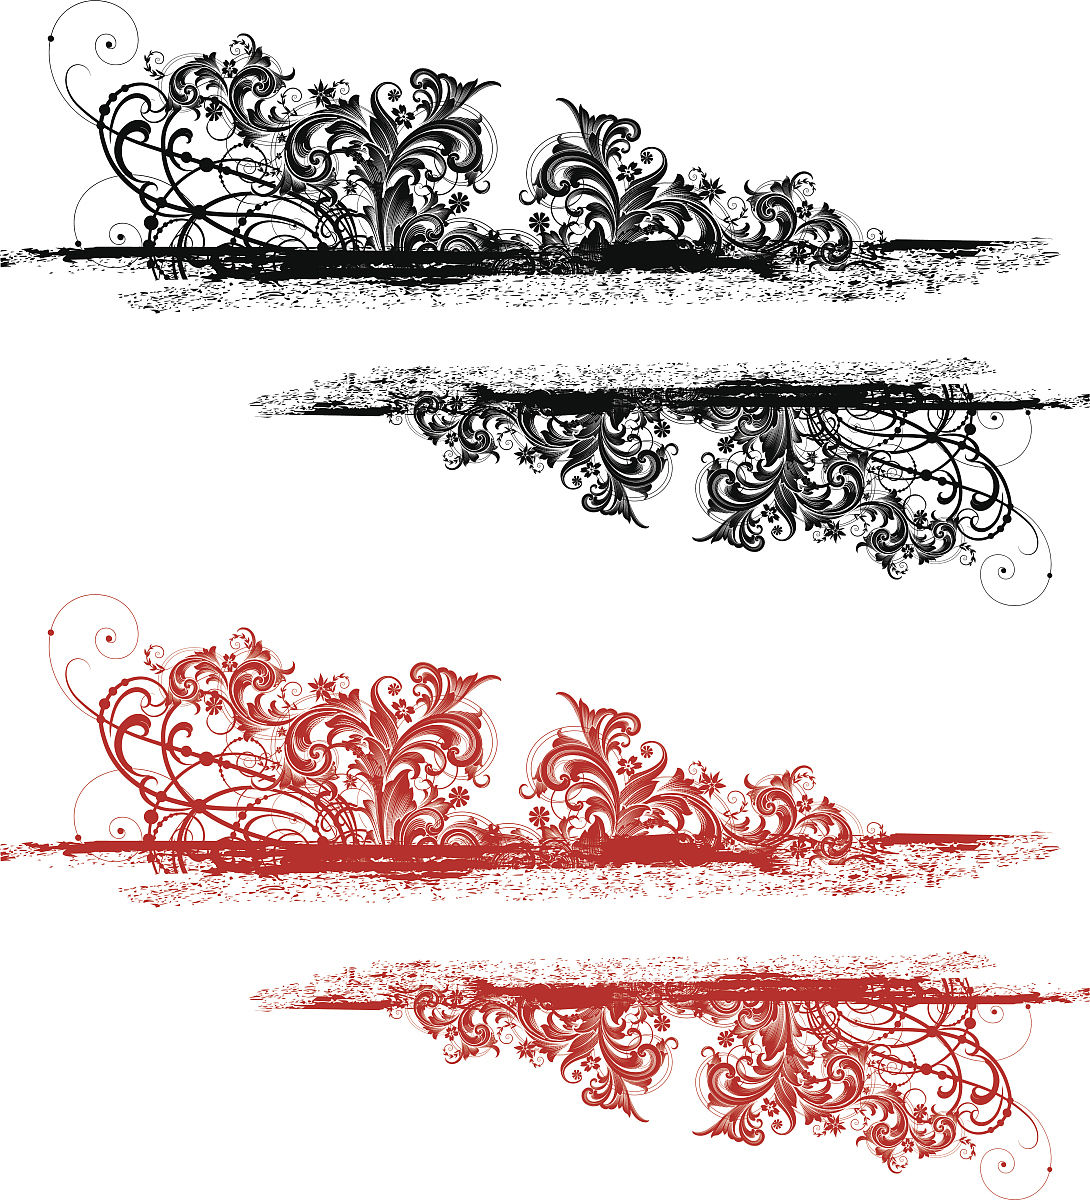 华丽的,雕刻图像,过时的,古董,无人,划痕,矢量,阿拉伯风格,花体,漩涡图片